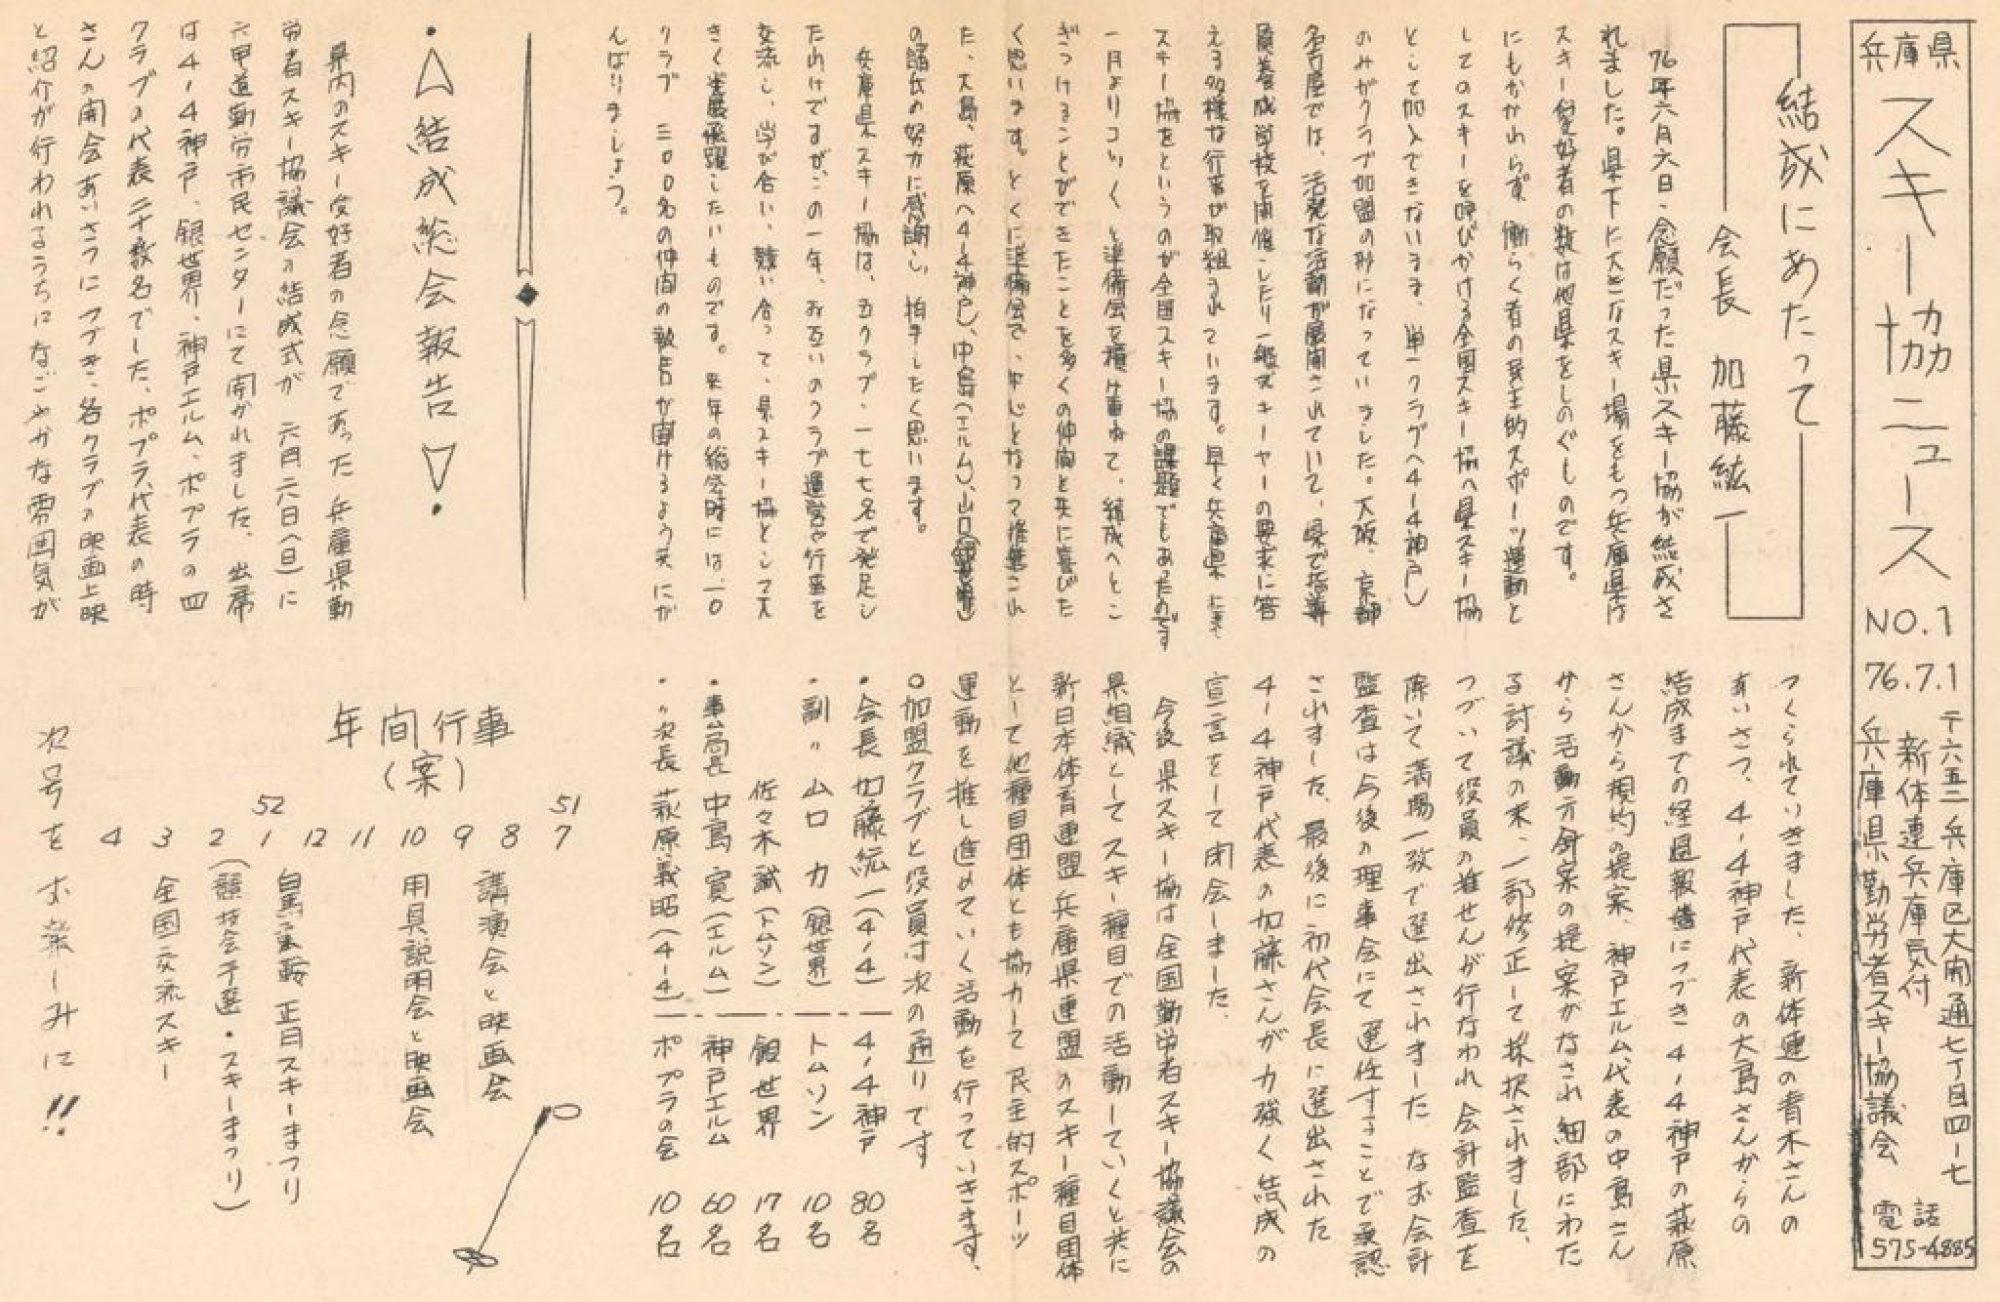 新日本スポーツ連盟 兵庫県スキー協議会